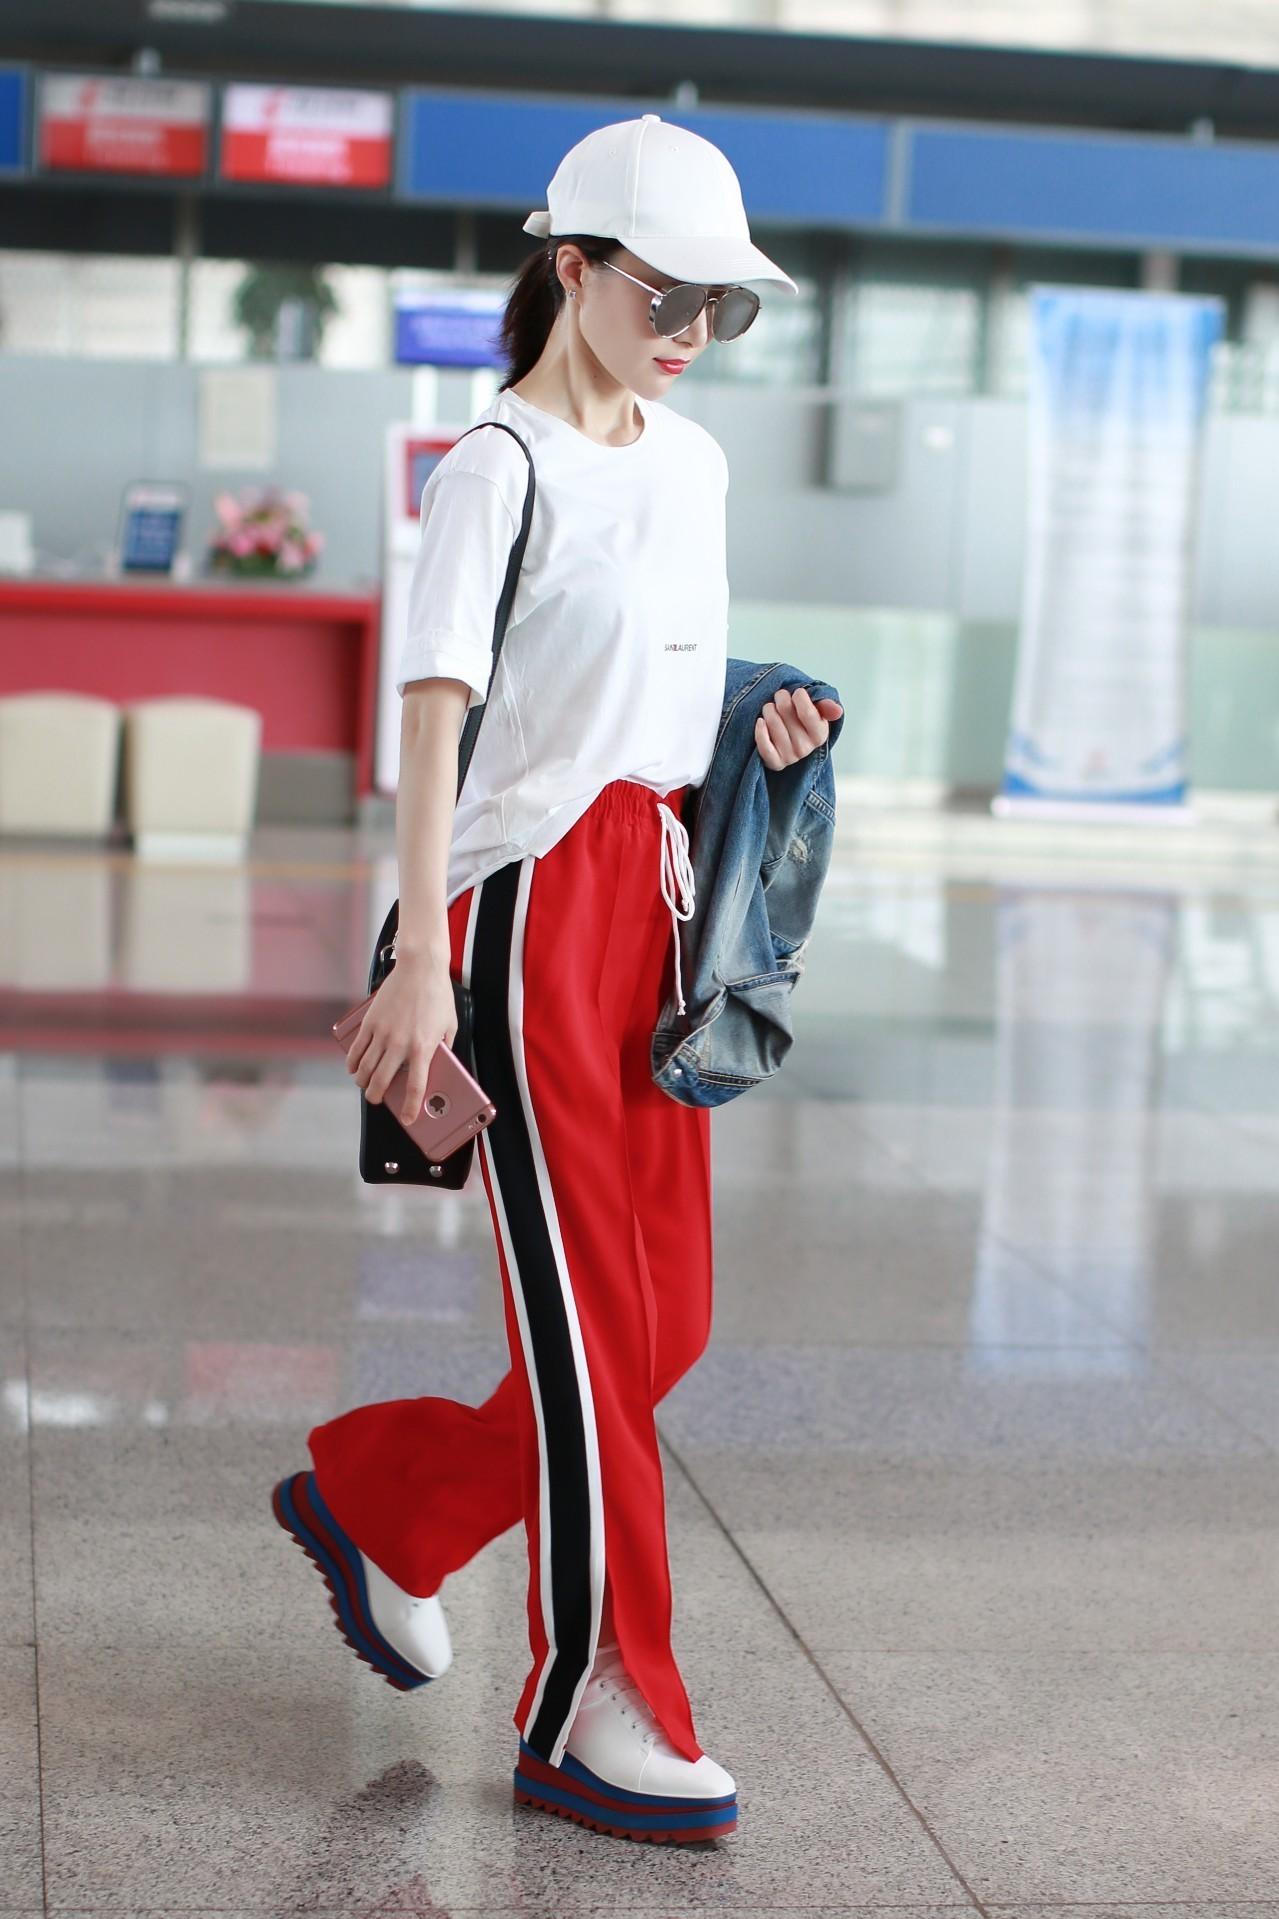 阿迪三条杠黑色运动长裤。。搭配什么颜色运动鞋... _易发生活网